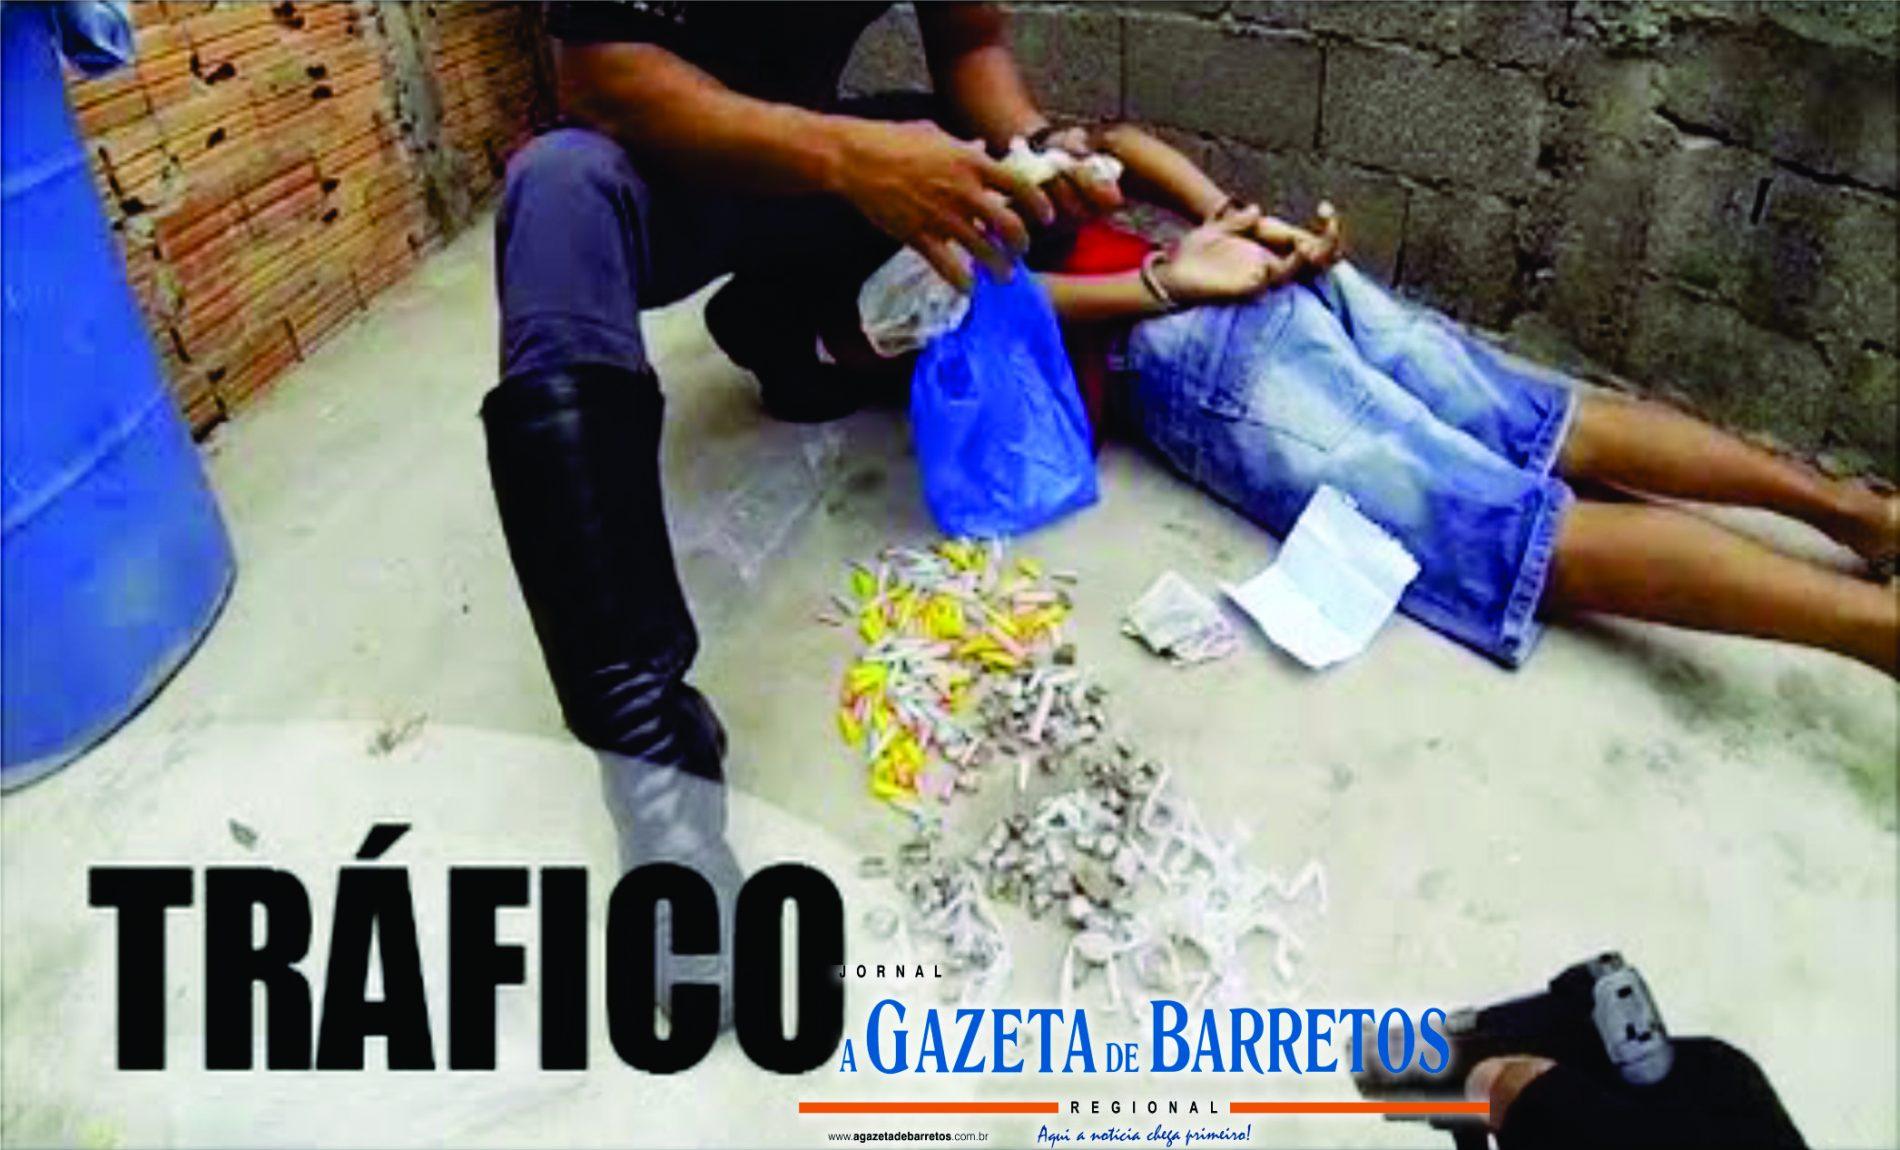 BARRETOS: Operação policial prende dois maiores, apreende menor, drogas, dinheiro e diversos objetos no bairro Pimenta